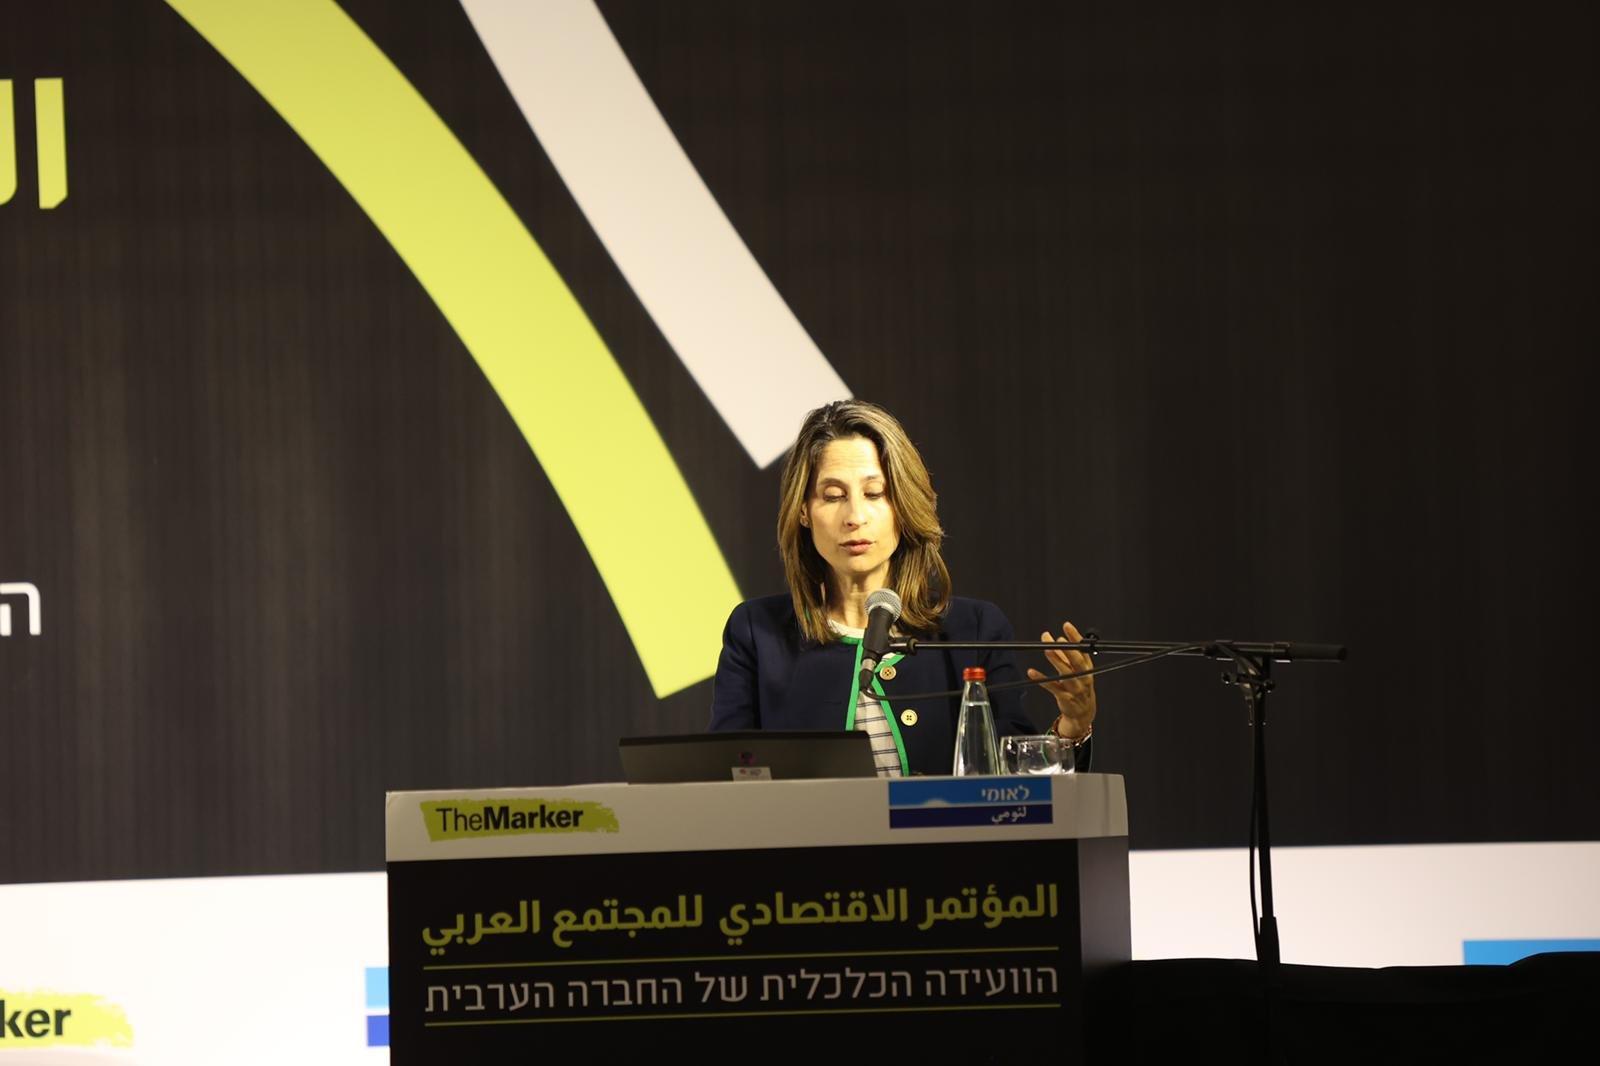 مشاركة كبيرة ومحاضرات هامة في المؤتمر الاقتصادي للمجتمع العربي بالناصرة-13